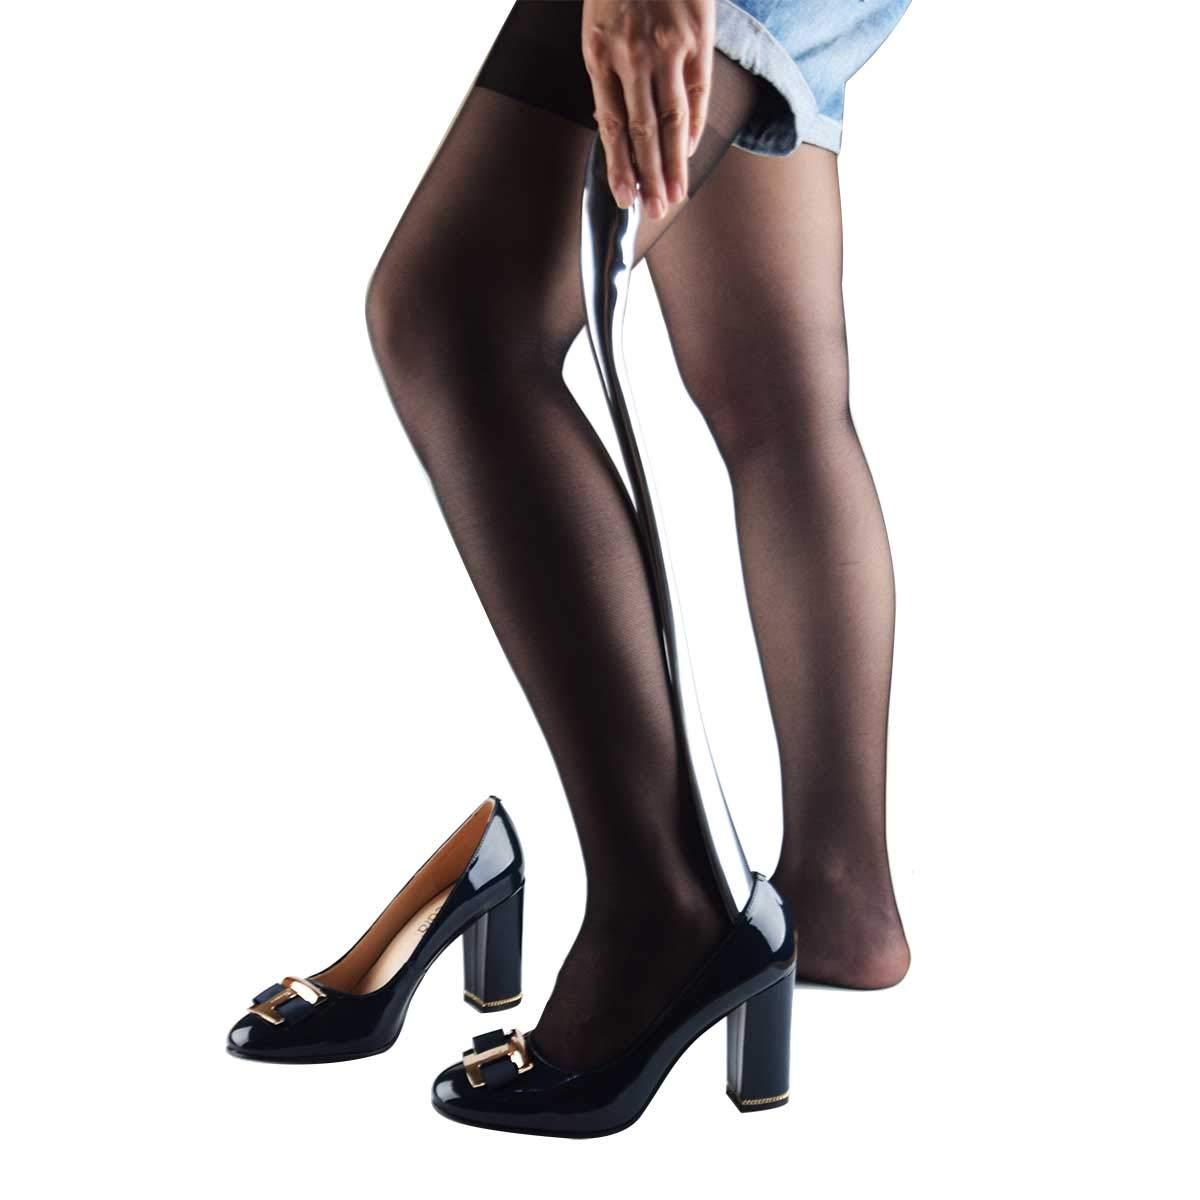 Shoe Horn Long Handle-52cm